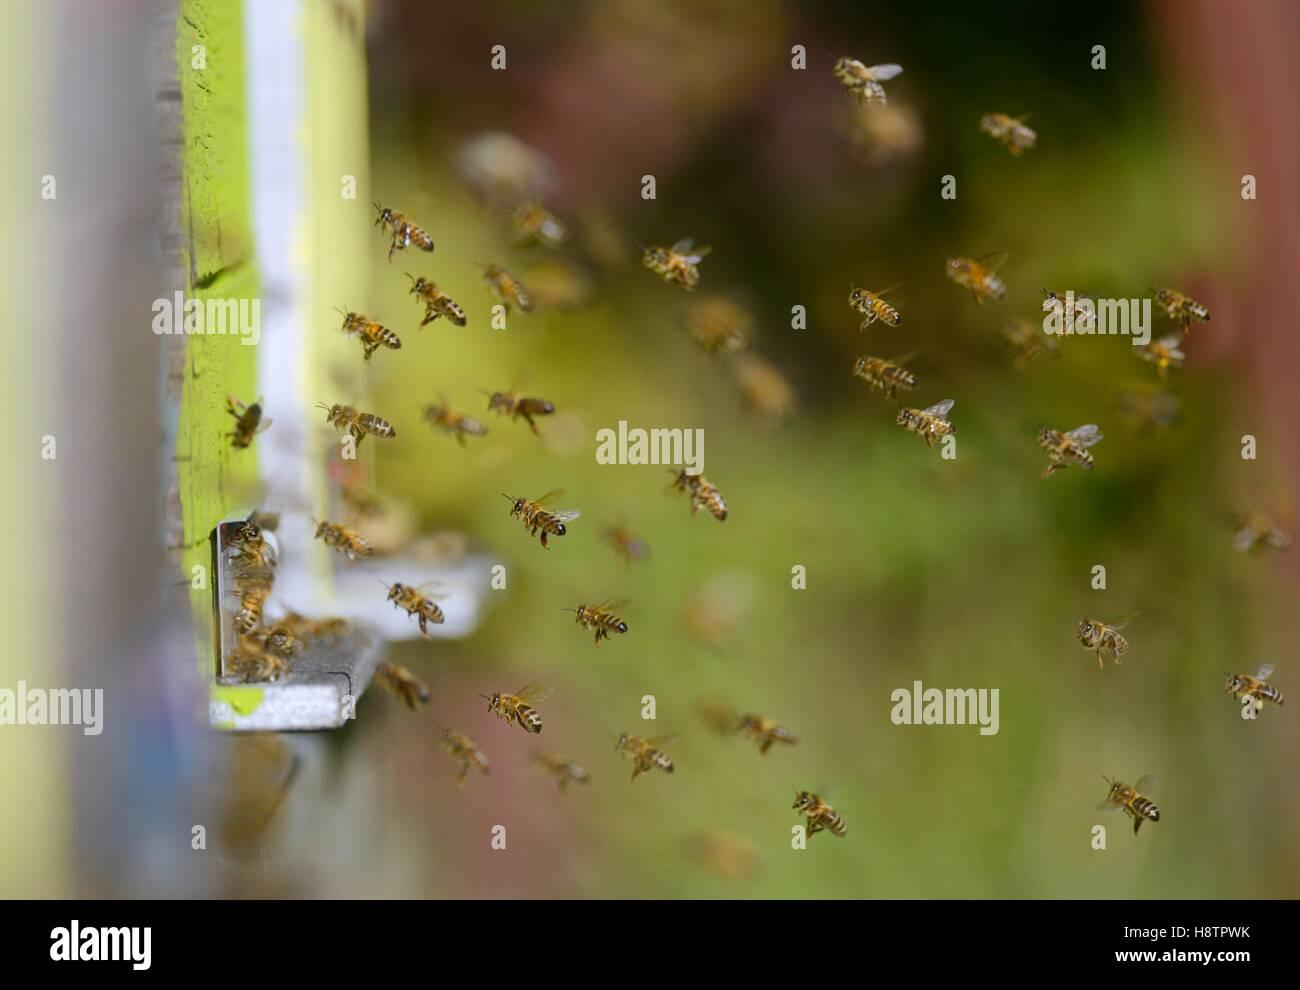 Las abejas (Apis mellifera), la atmósfera en la entrada de la colmena en buenas condiciones climáticas, Imagen De Stock